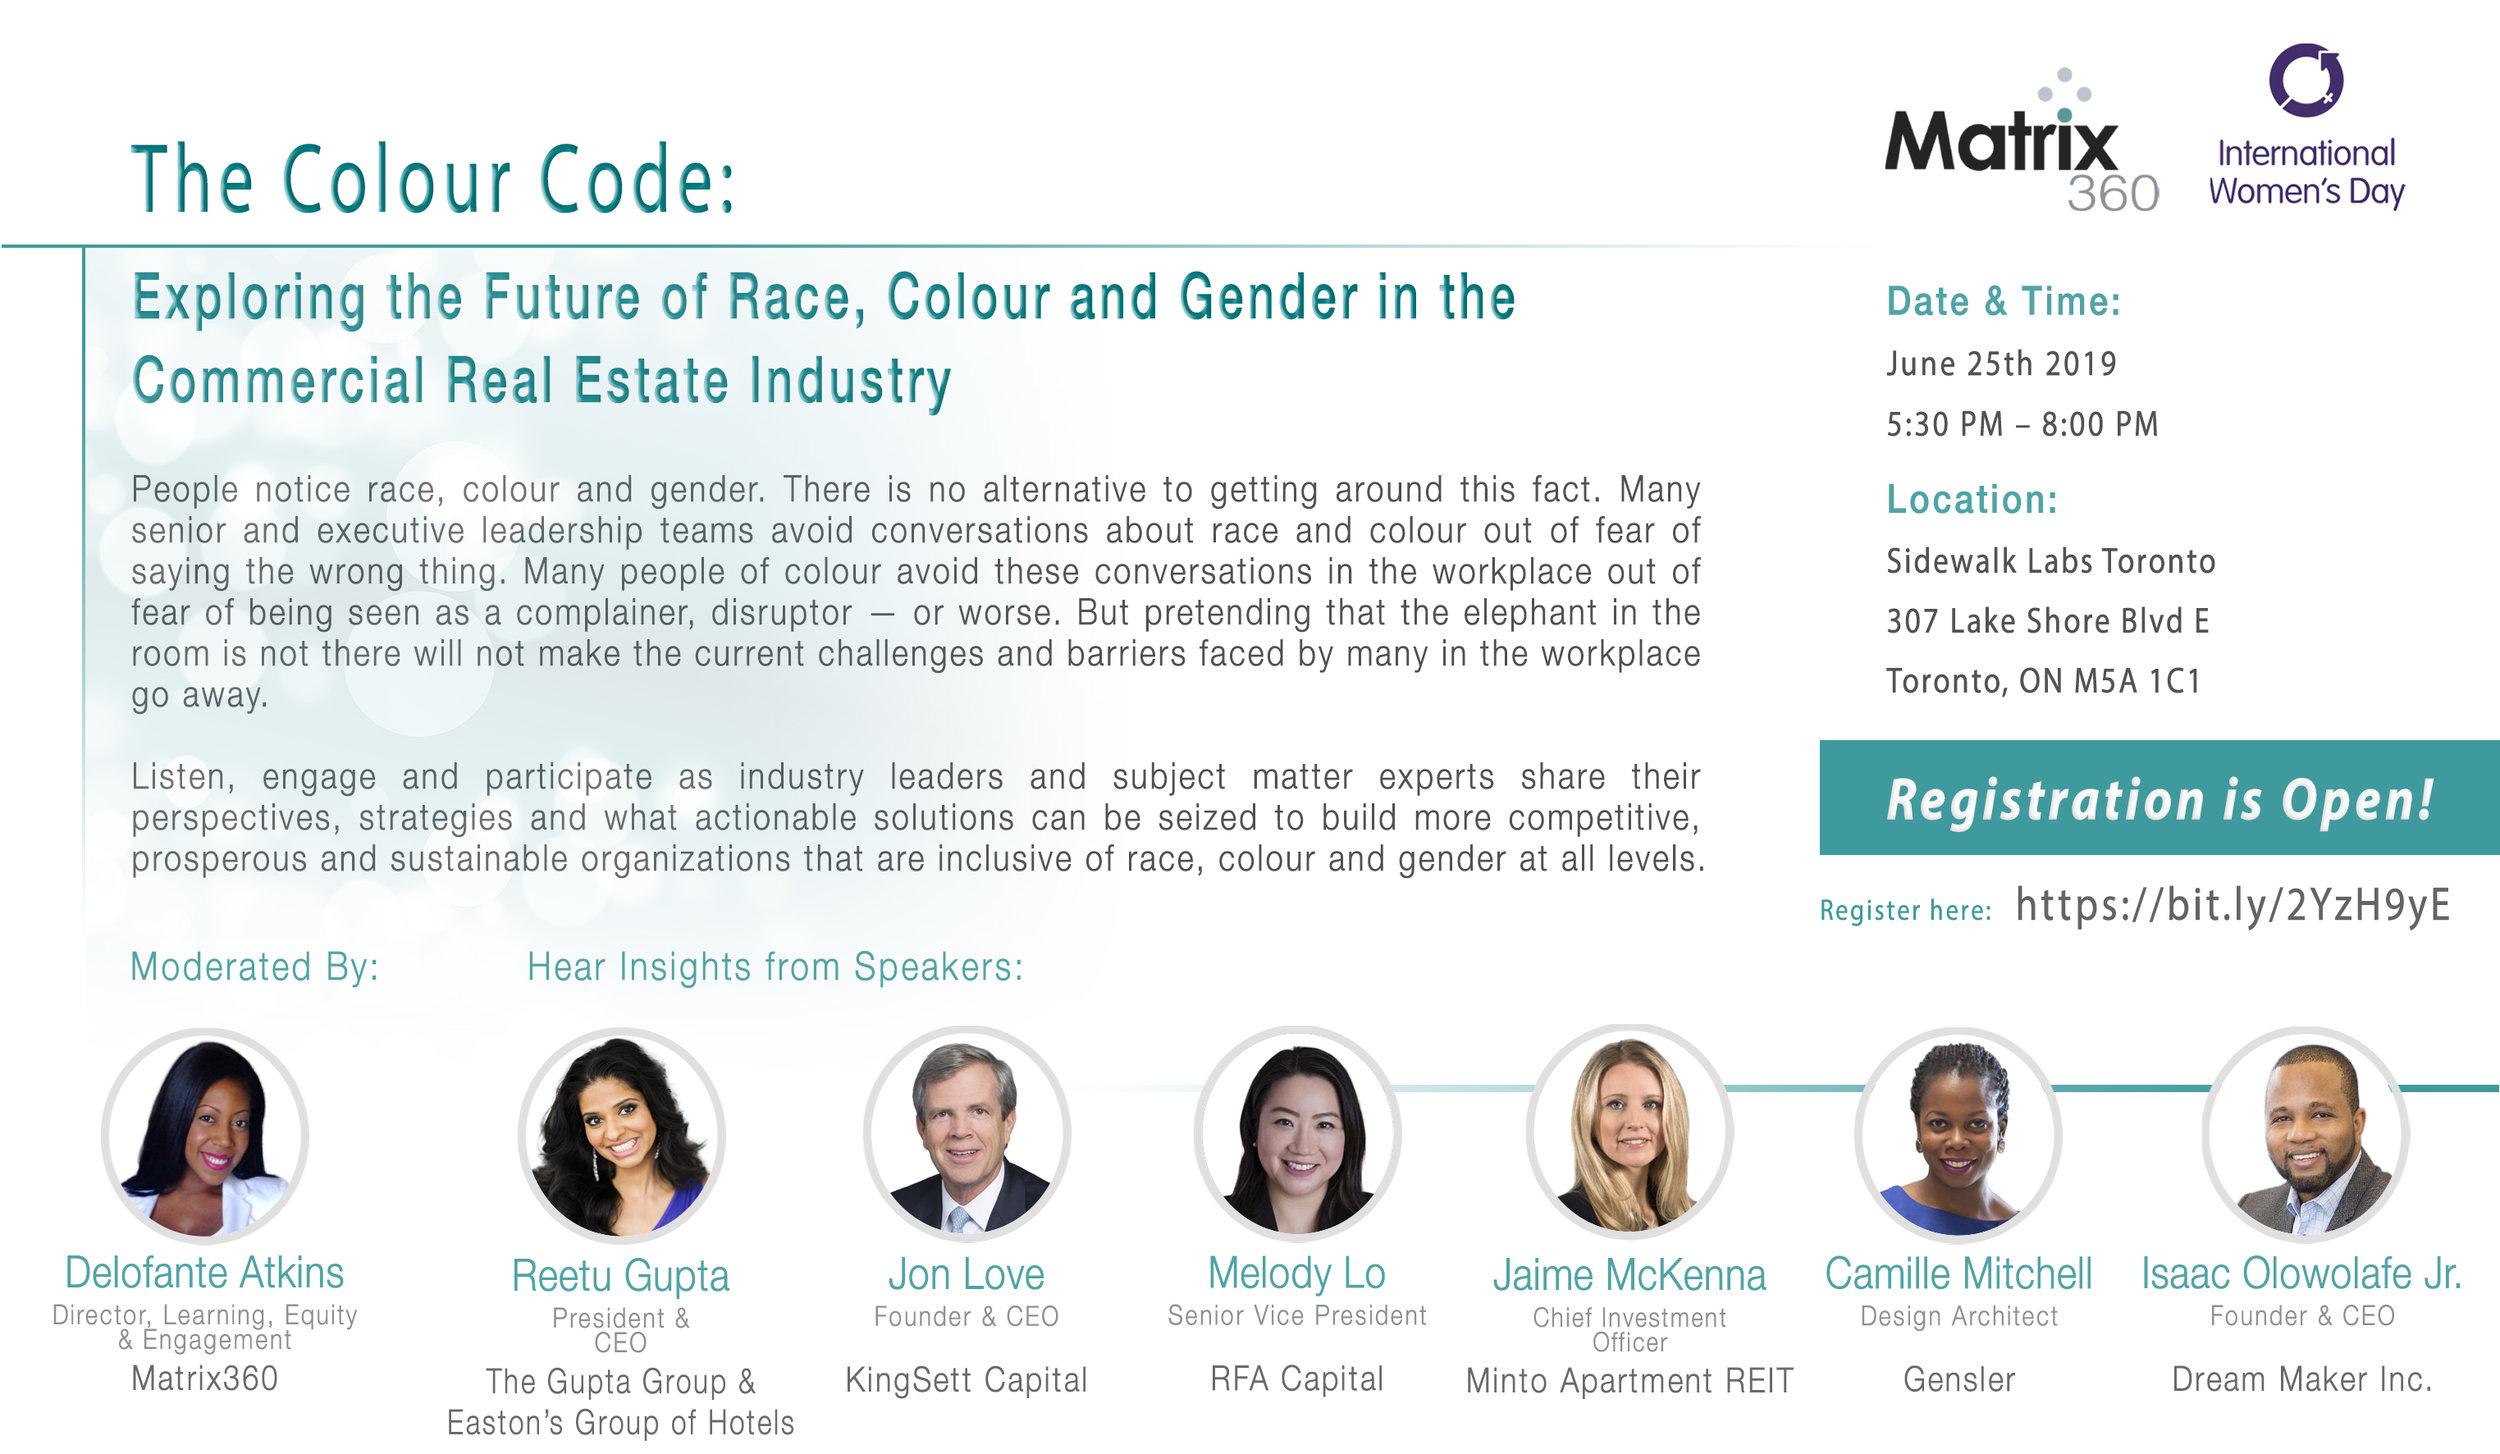 Matrix360 IWD June Event Flyer - The Colour Code FINAL.JPG